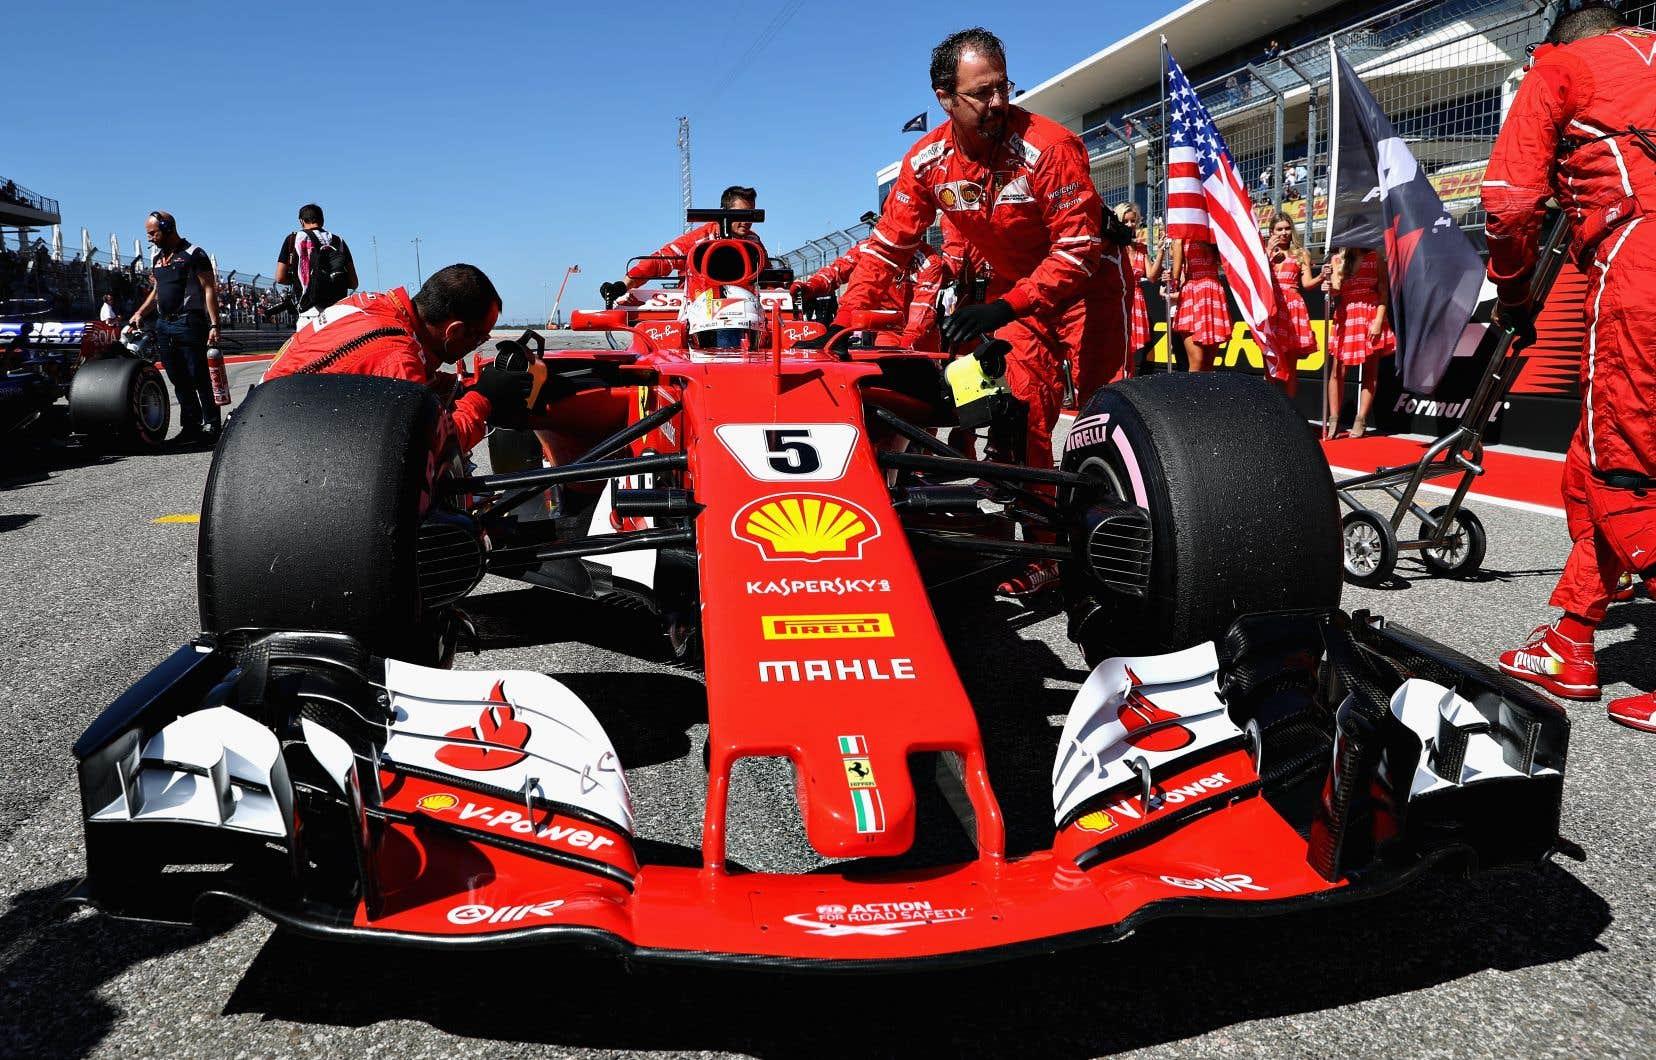 Même lorsque Sebastian Vettel a terminé deuxième, le rugissement menaçant du moteur Ferrari en début de saison n'était plus qu'un faible ronronnement lointain.